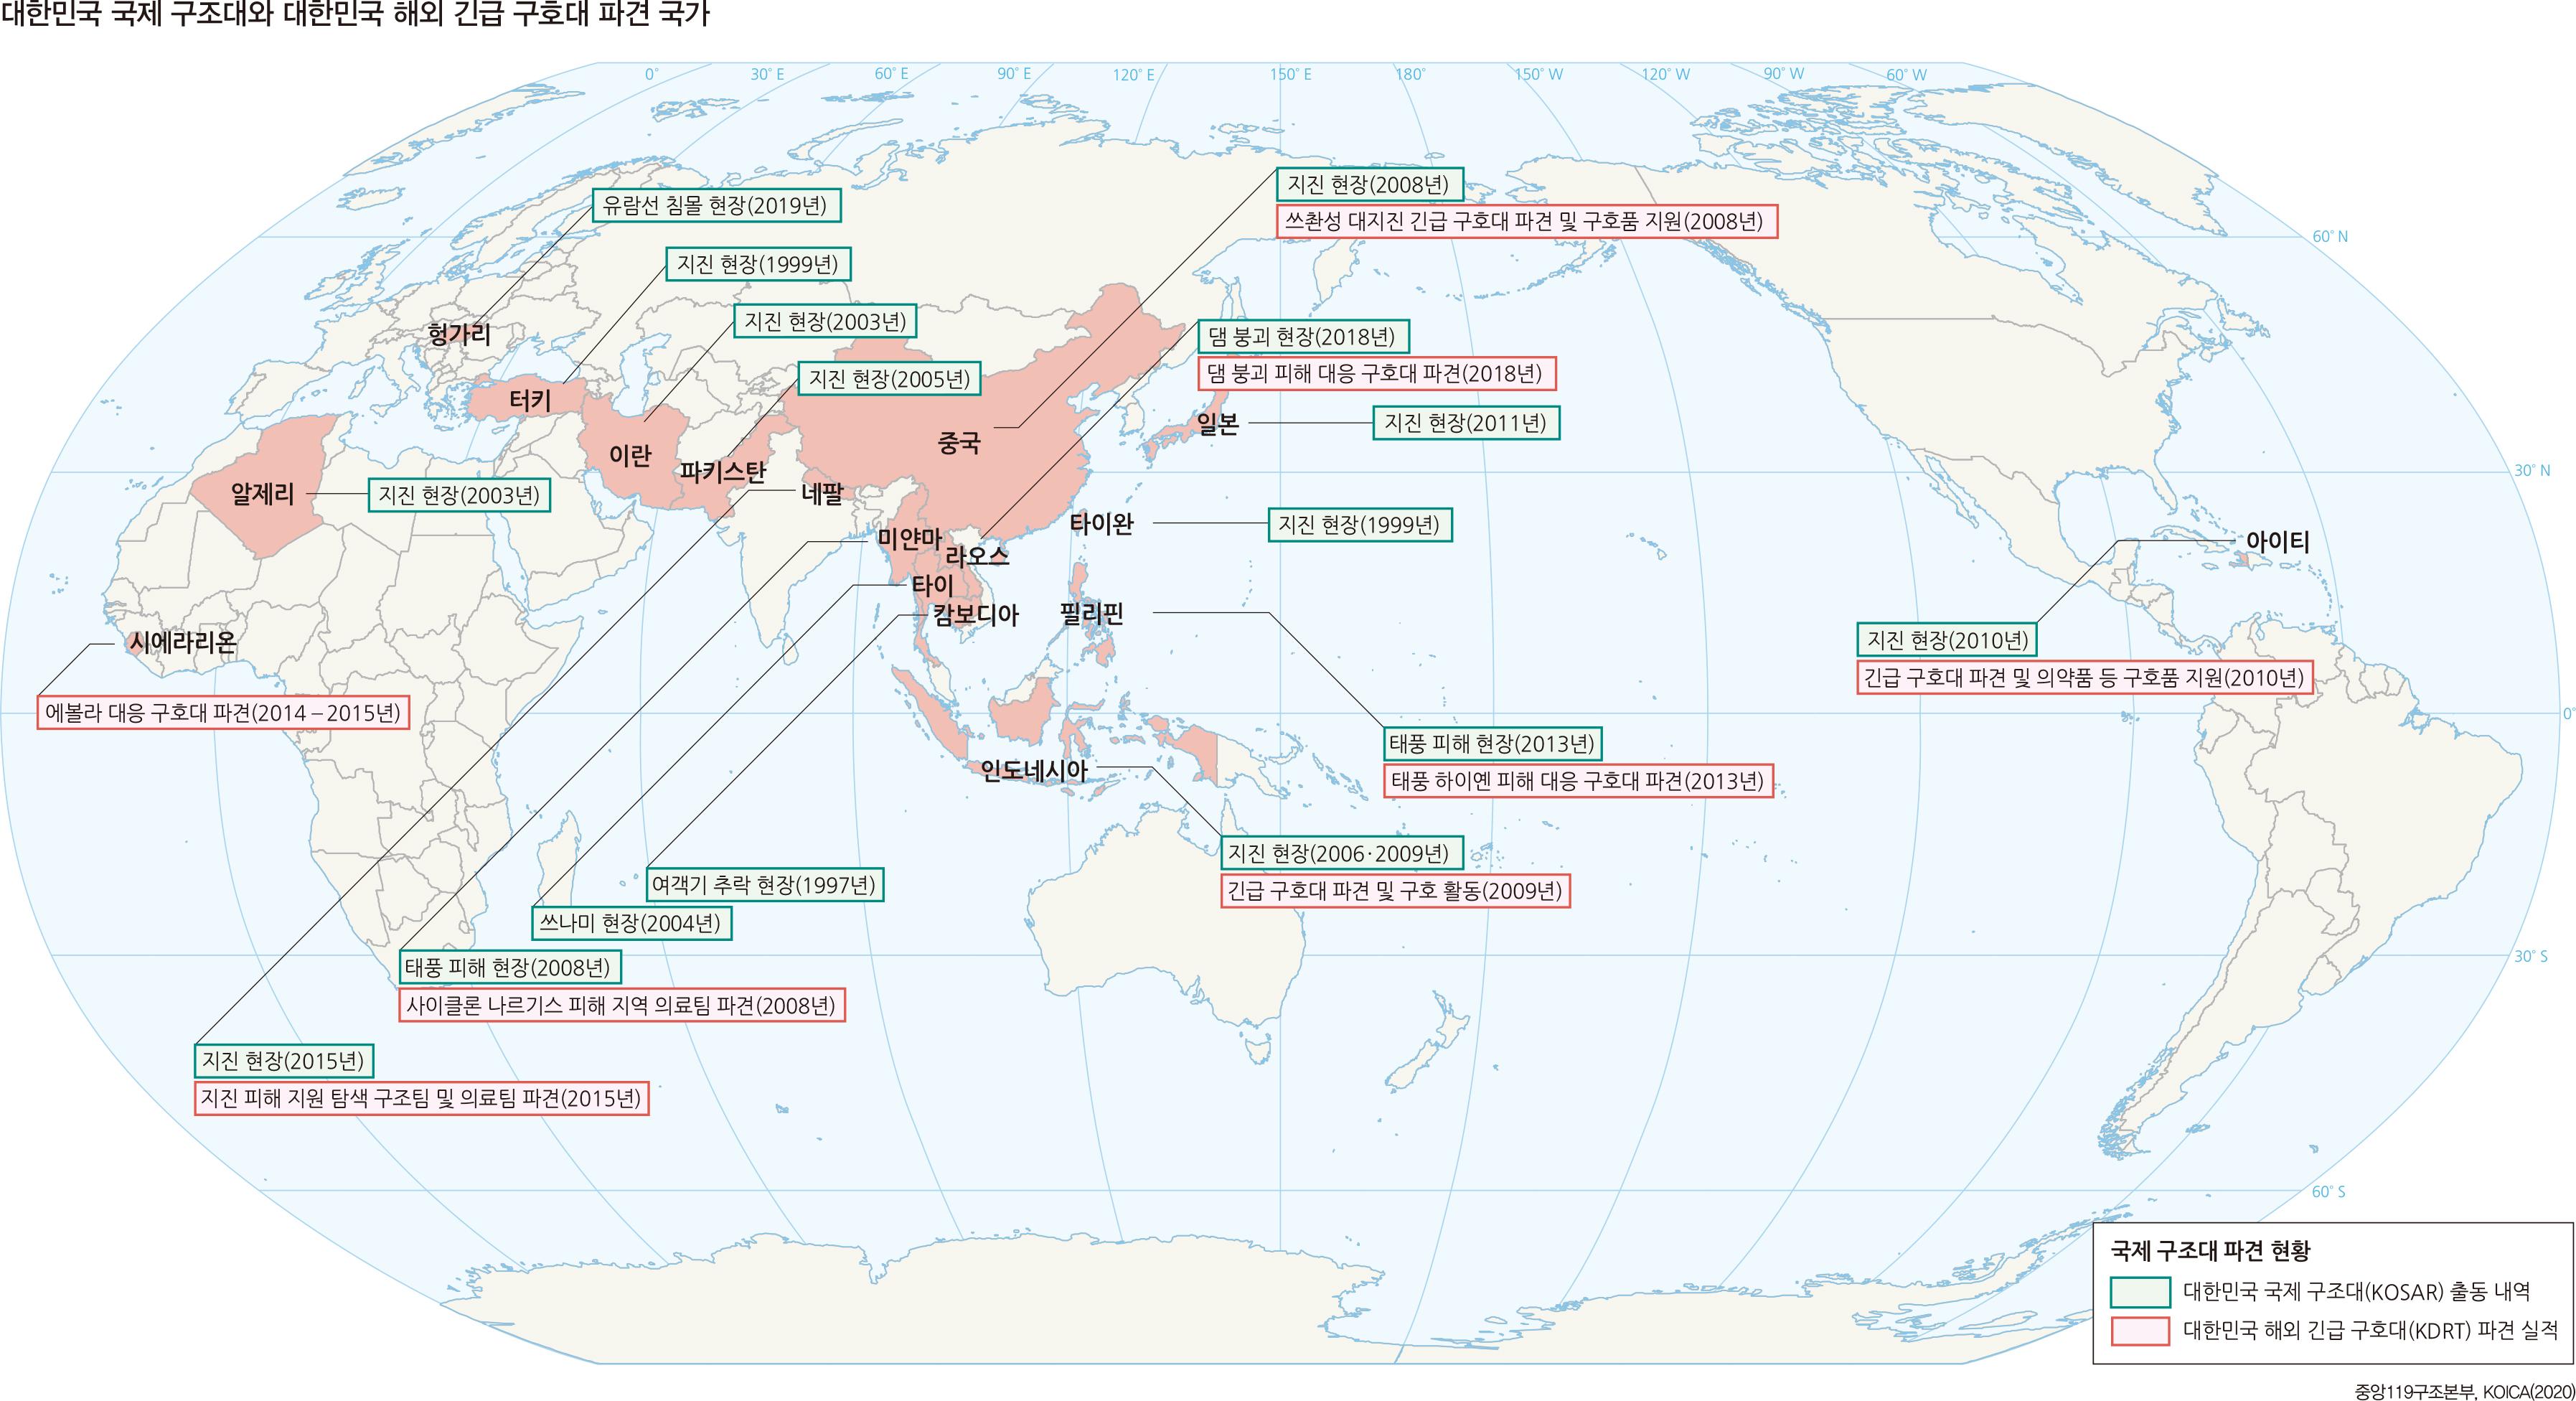 대한민국 국제 구조대와 대한민국 해외 긴급 구호대 파견 국가